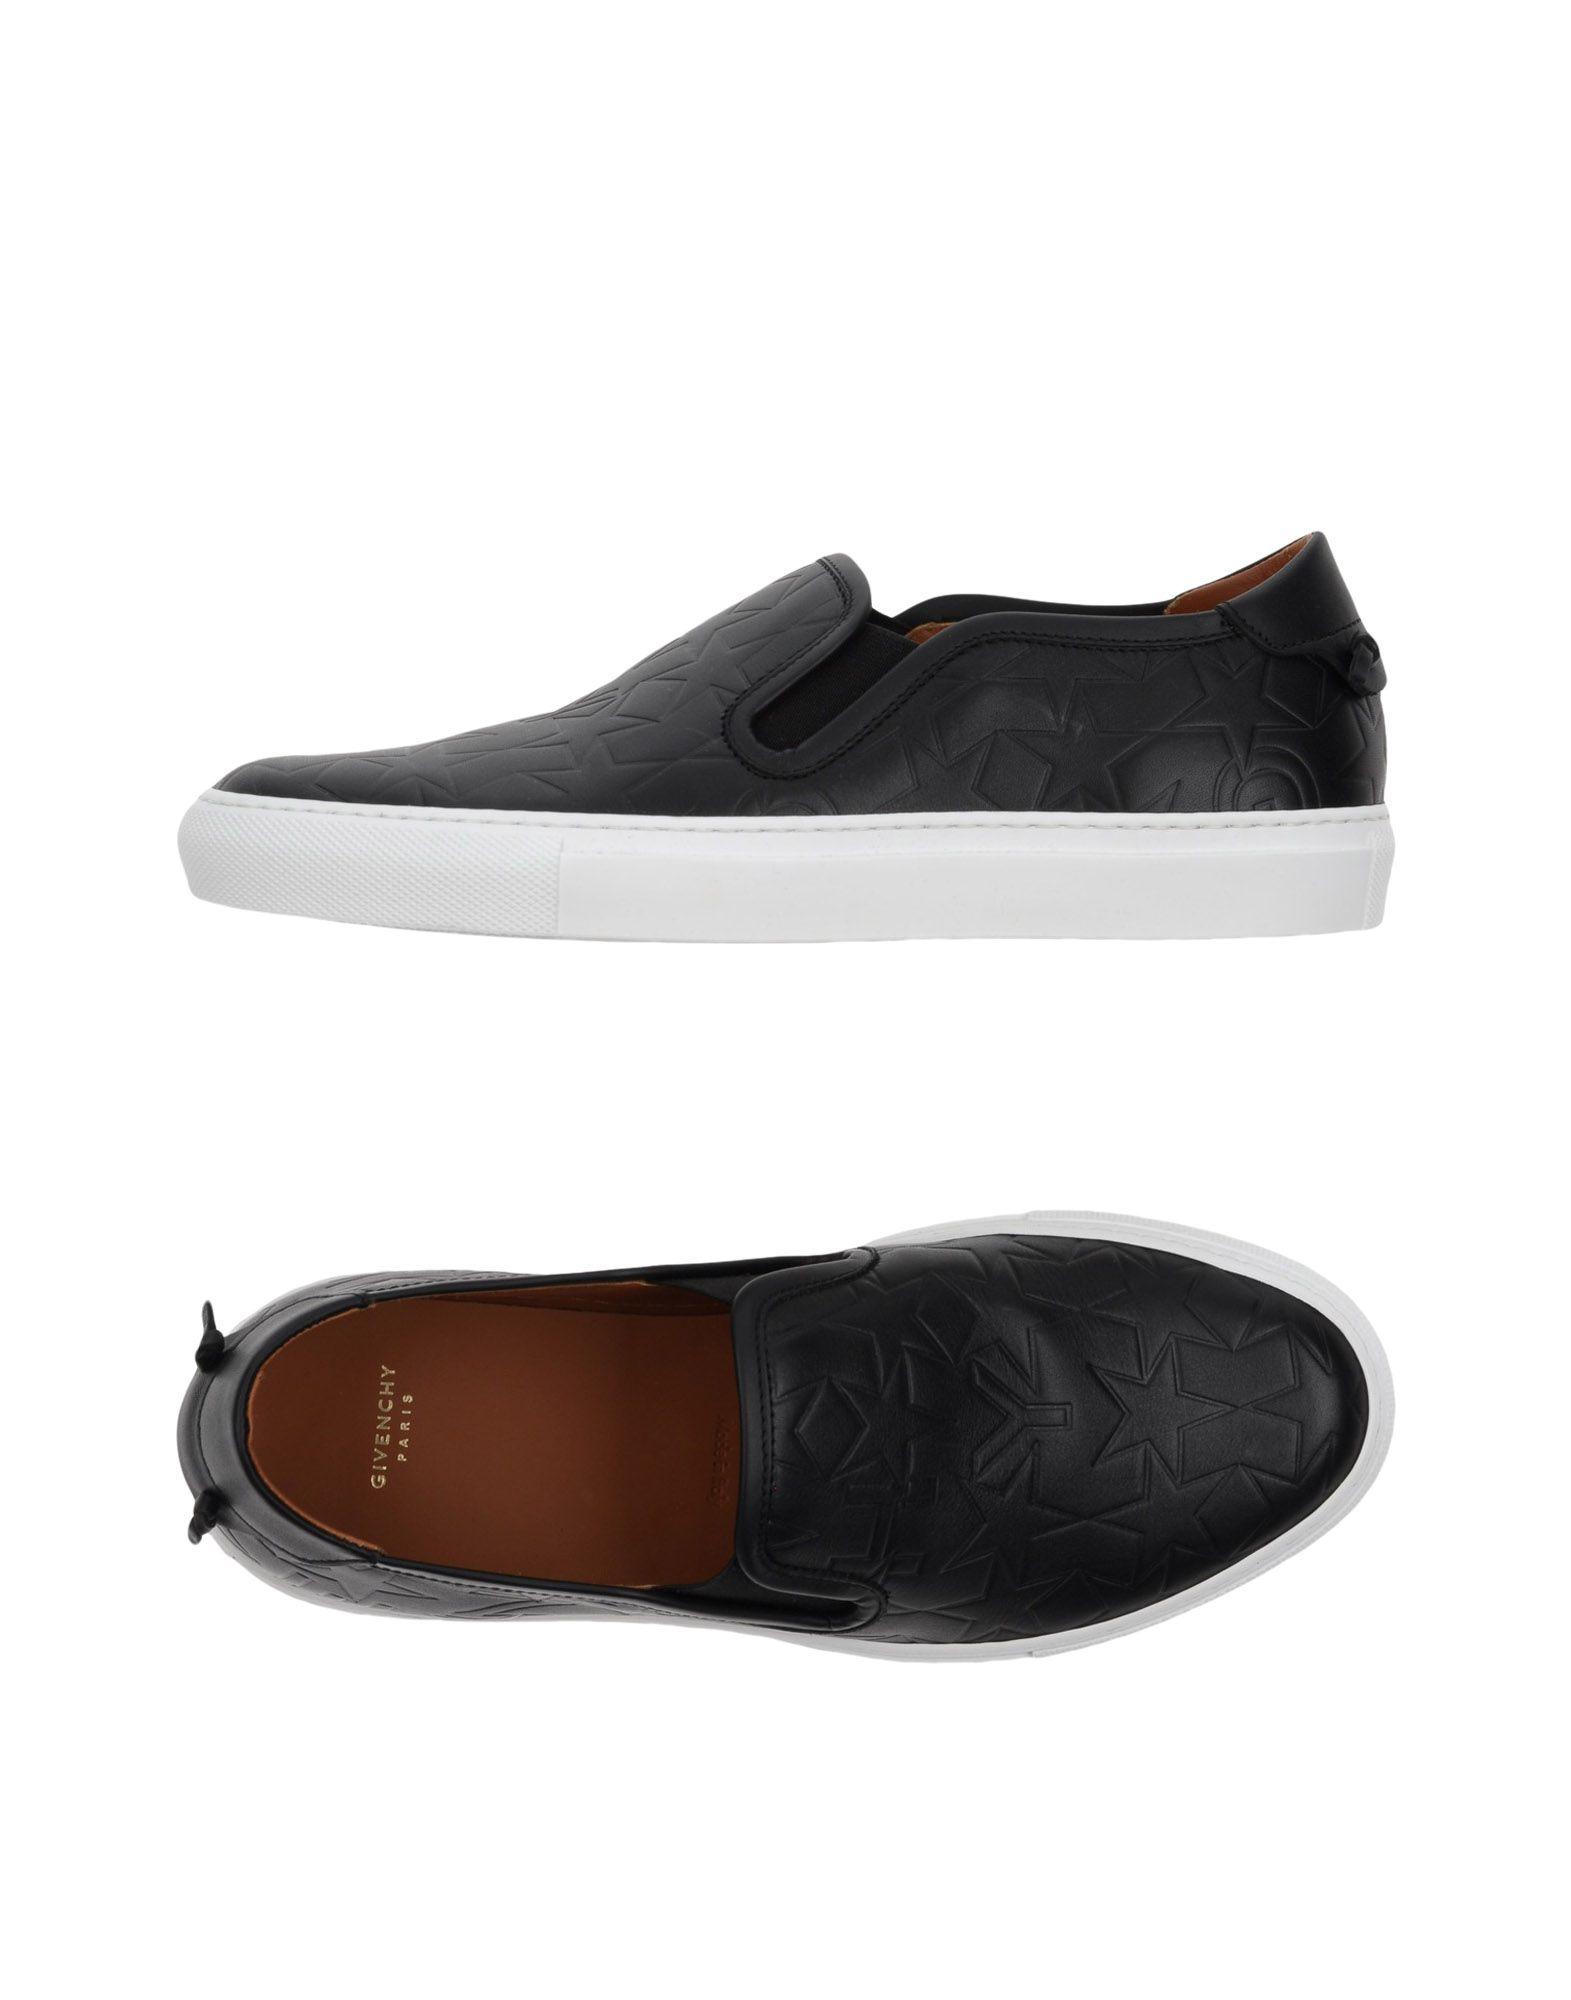 Givenchy Sneakers Damen  11362915GIGünstige Schuhe gut aussehende Schuhe 11362915GIGünstige b53022